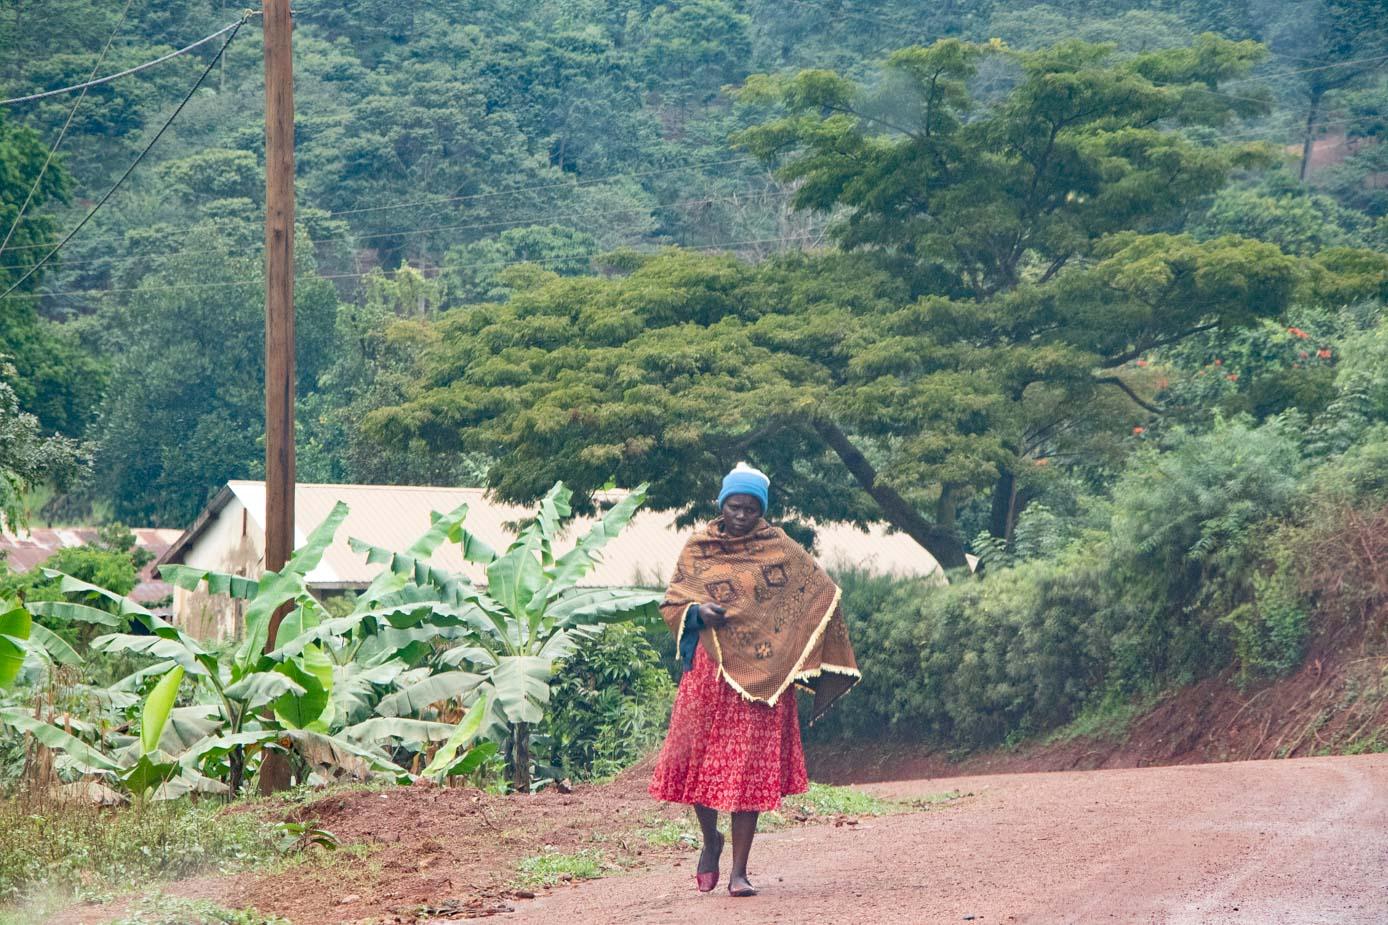 camino-a-entebbe-uganda-2